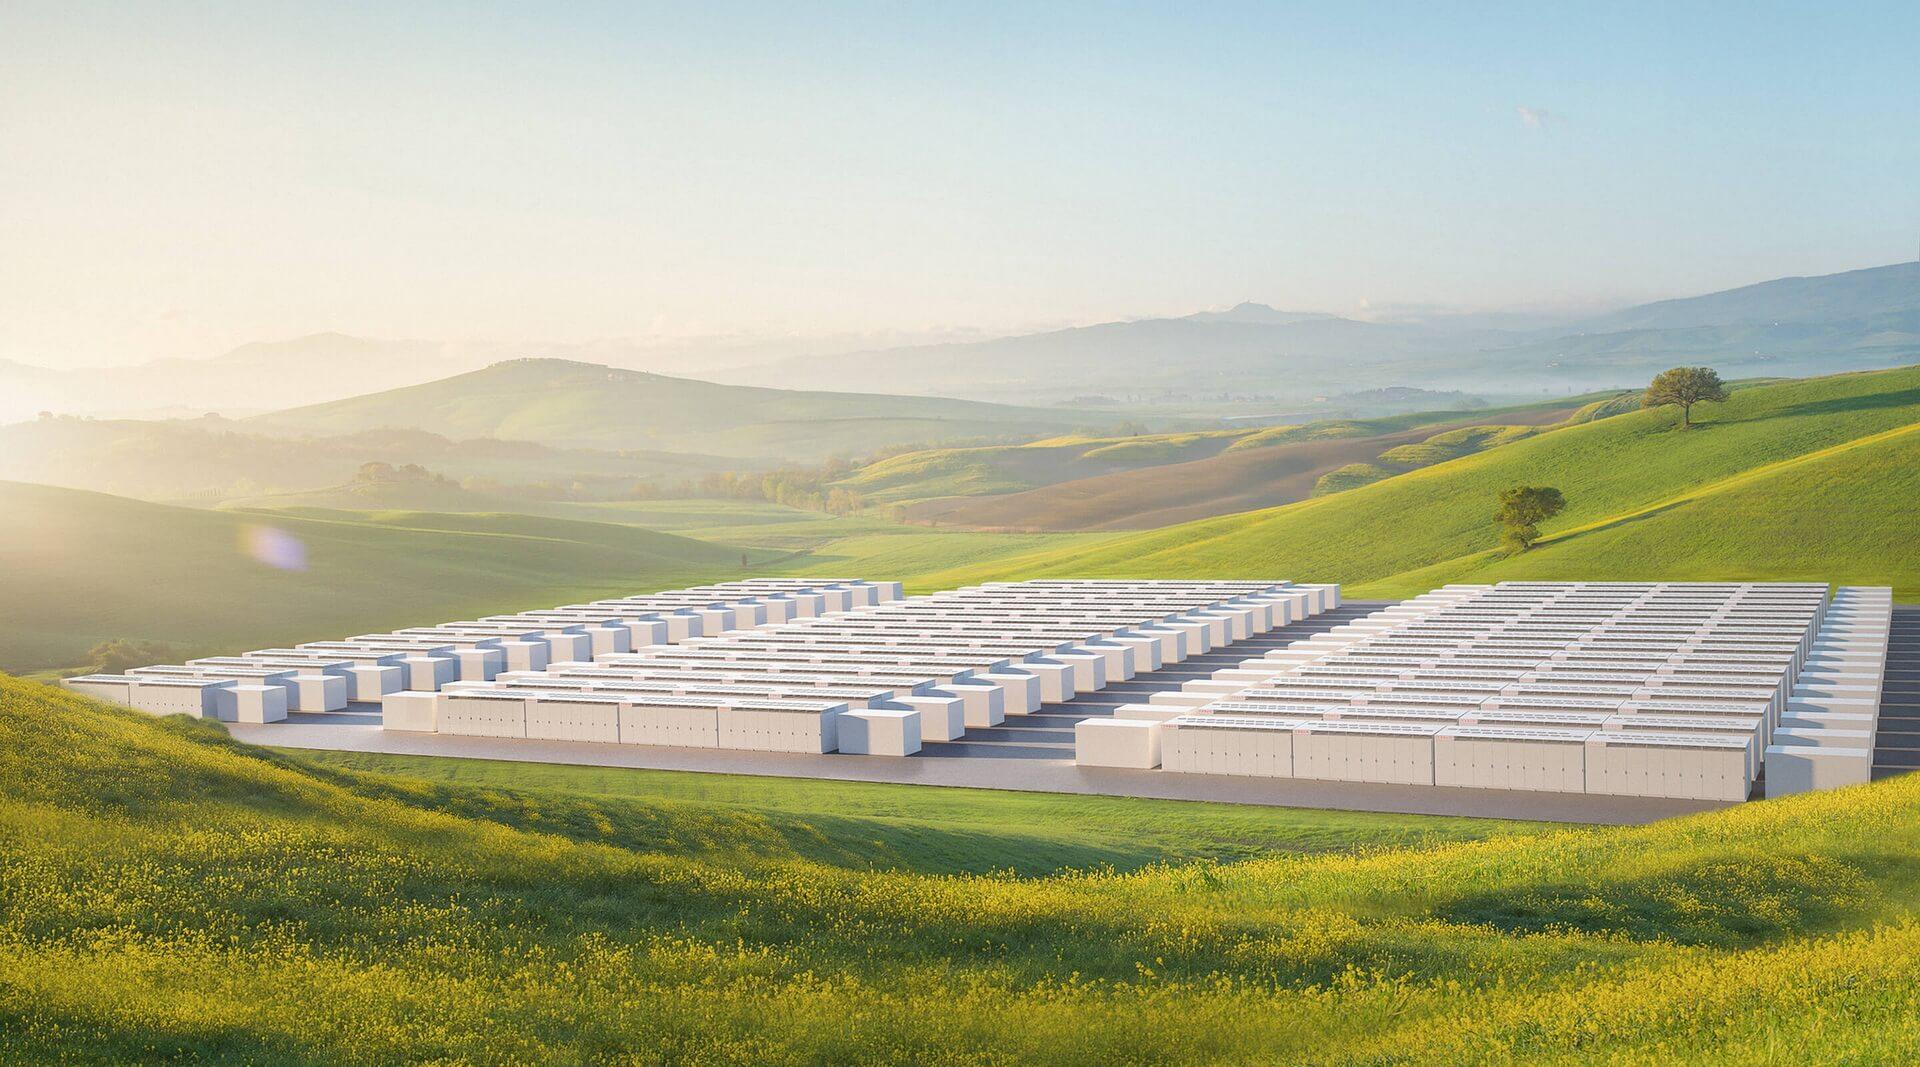 Системы хранения энергии Tesla Megapack